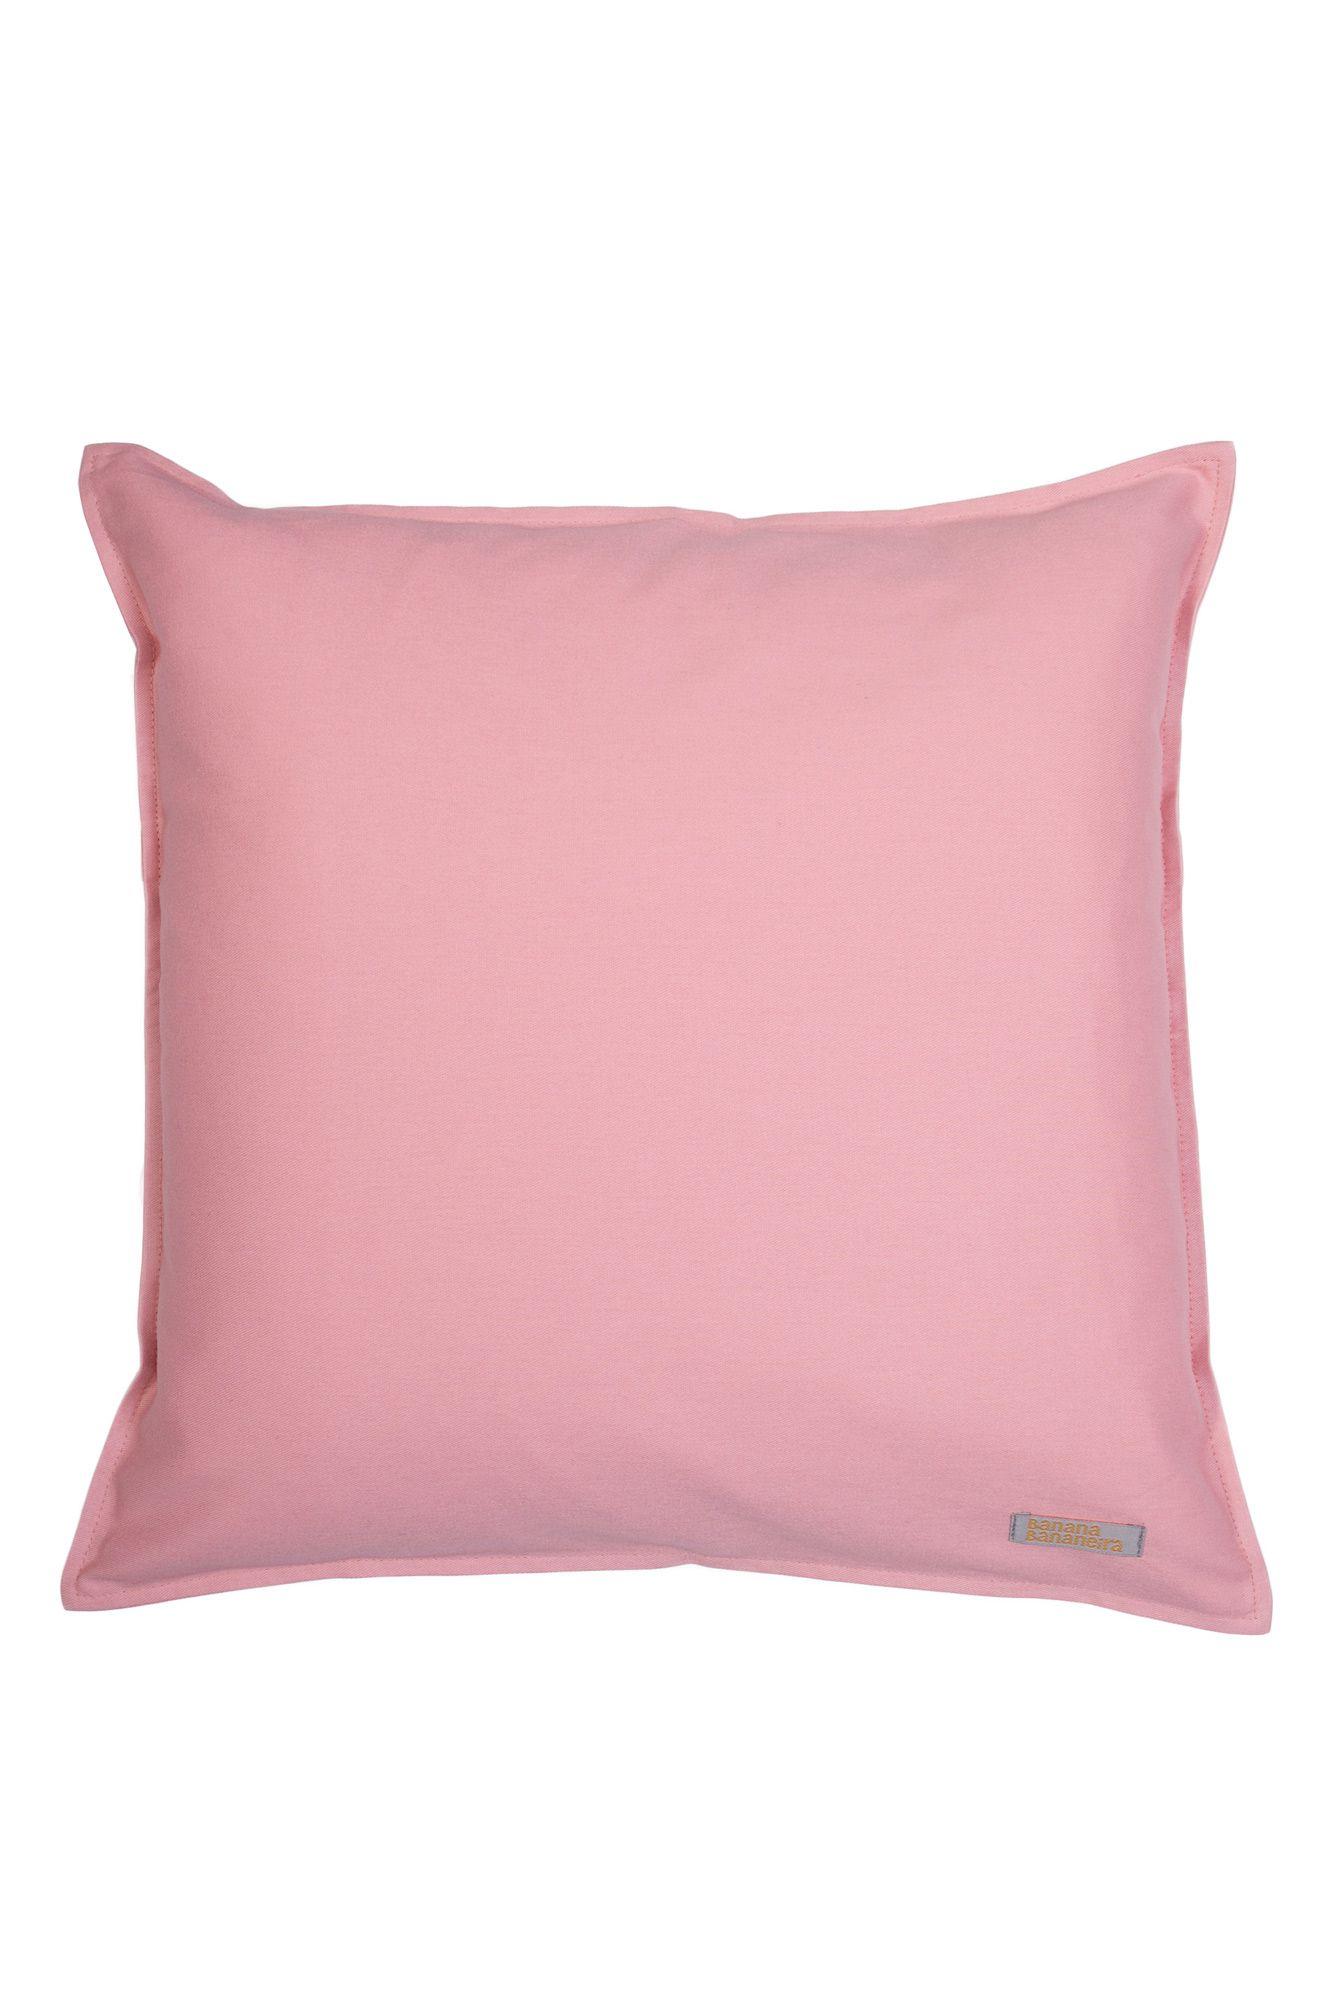 Capa de almofada em pesponto 45 cm x 45 cm rosa